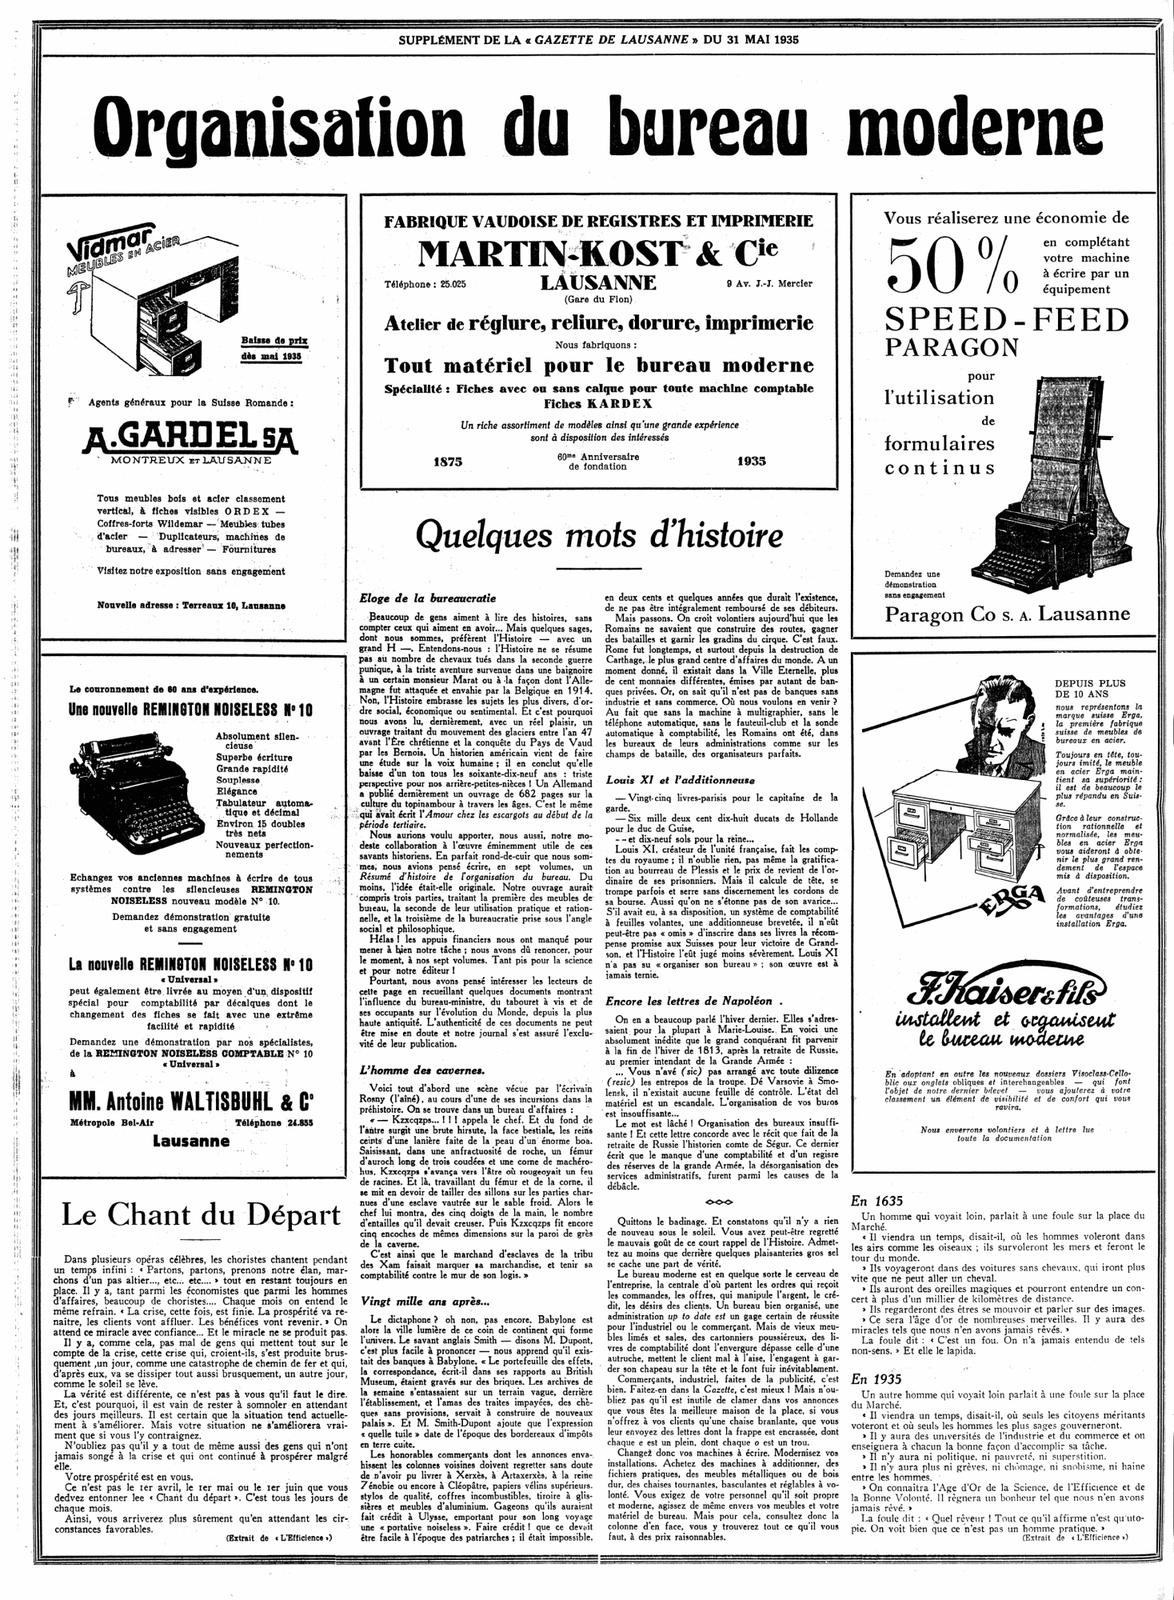 """Allusion à J.-H. Rosny aîné dans """"Quelques mots d'histoire"""" in supplément de la Gazette de Lausanne du 31 mai 1935"""